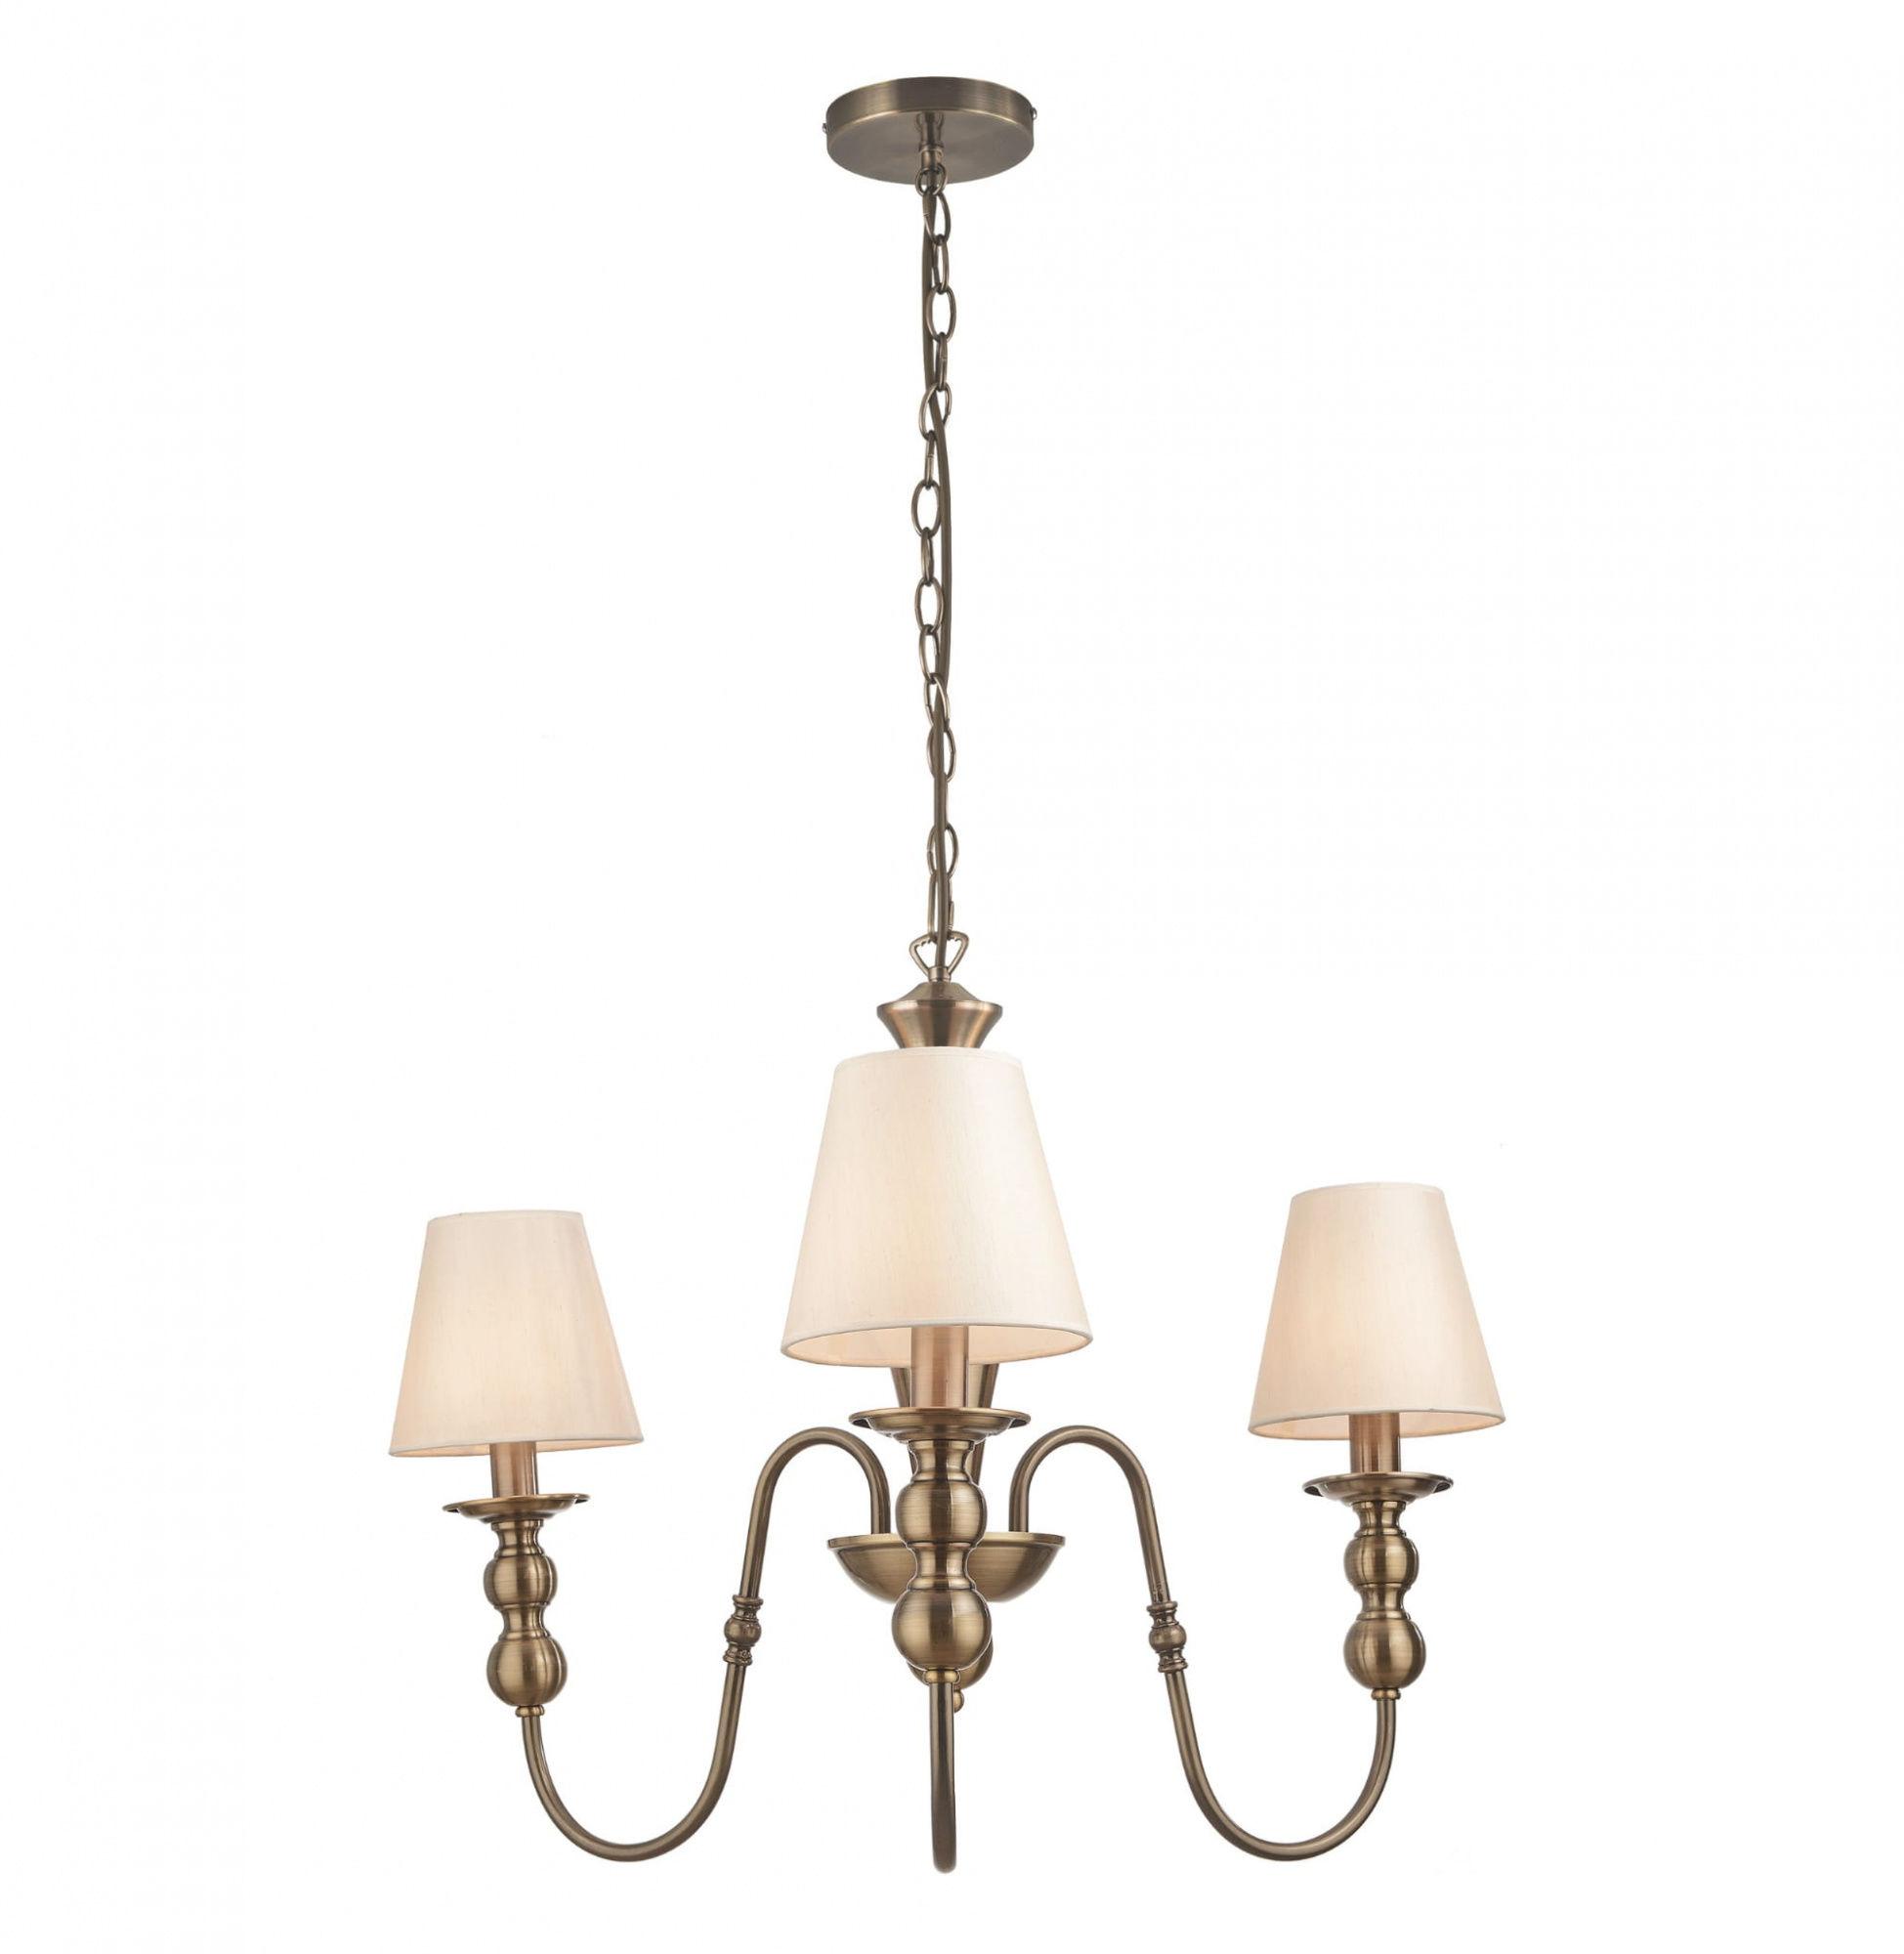 Lampa wisząca Grado LP-888/3P Light Prestige mosiężny żyrandol w klasycznym stylu